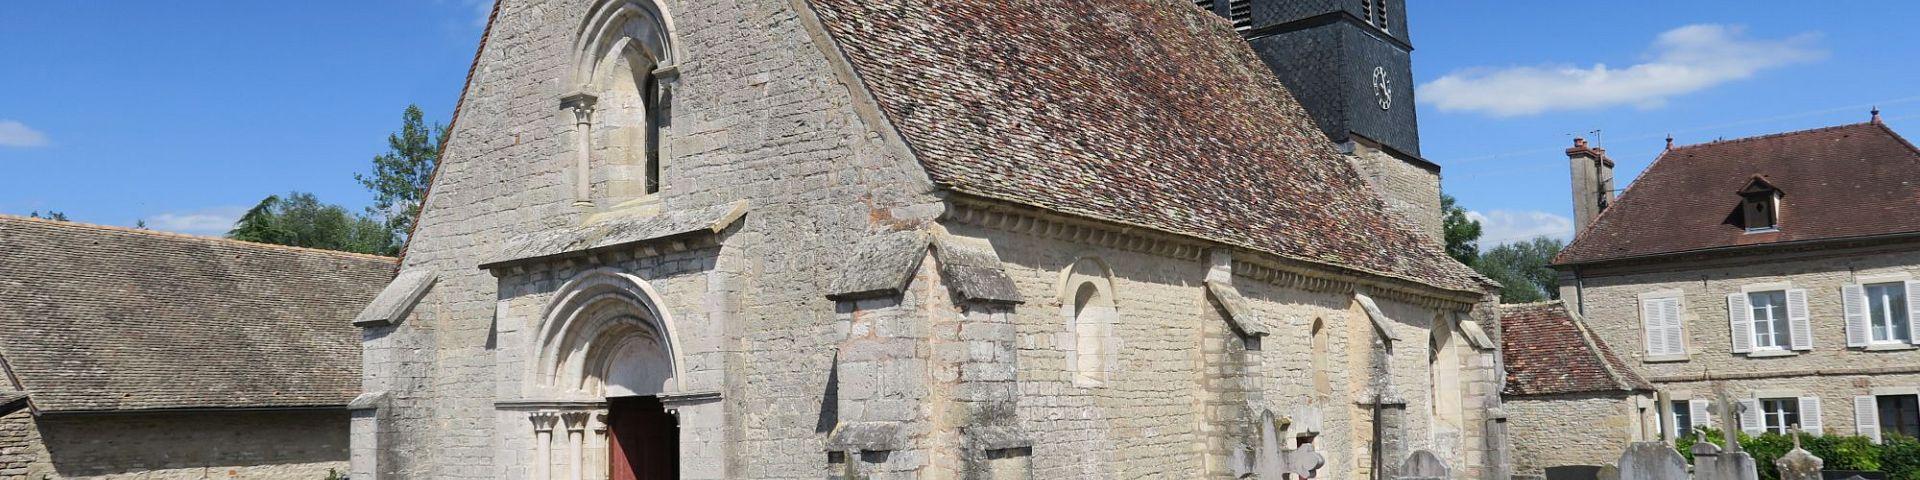 Villy-le-Moutier - Eglise Saint-Révérien (21)